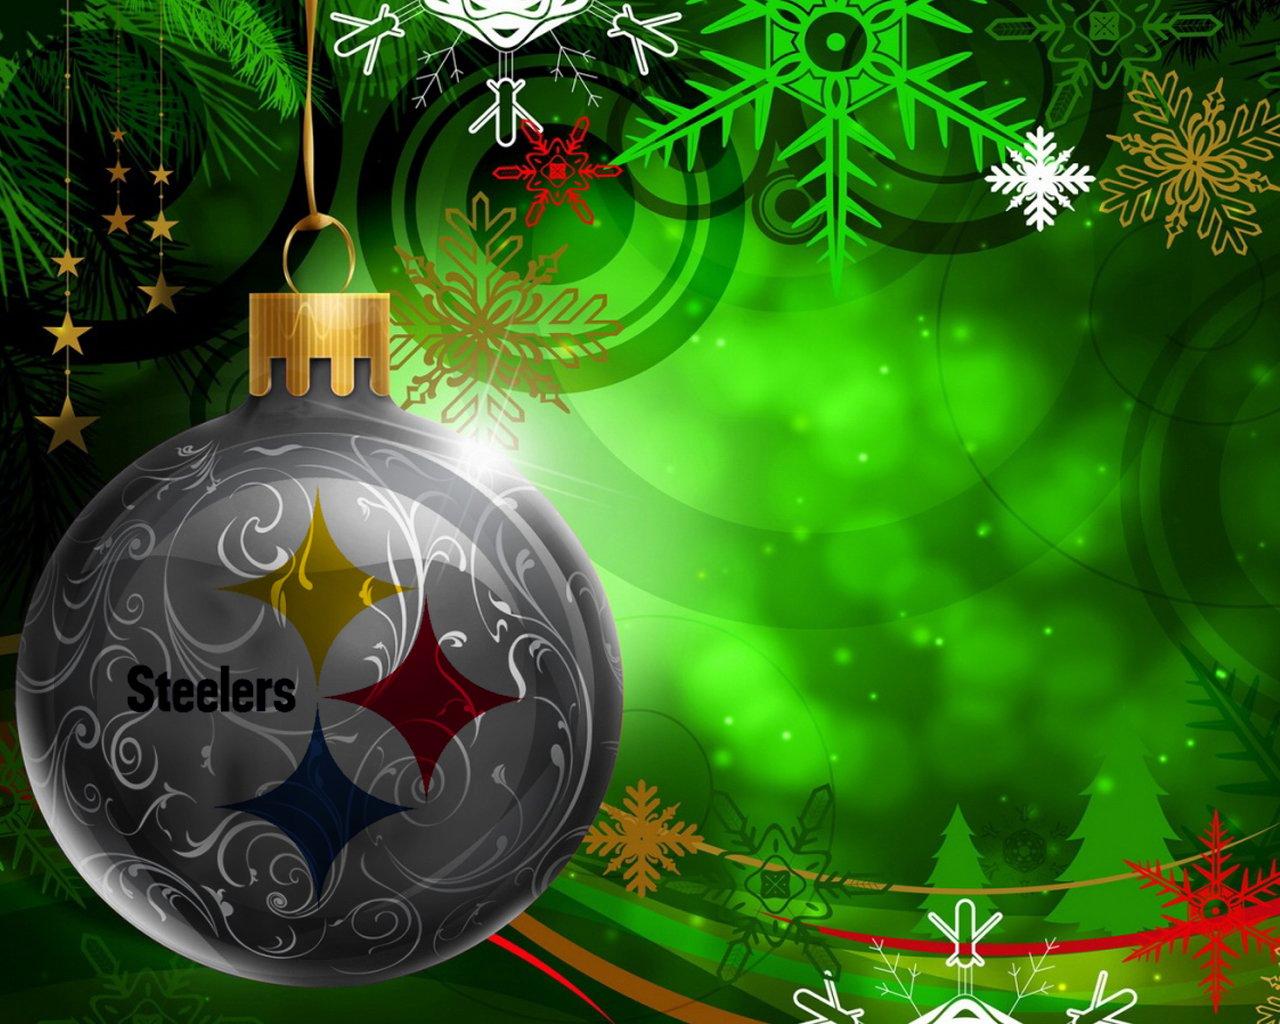 Steelers Christmas Wallpaper - WallpaperSafari 2b10cd957